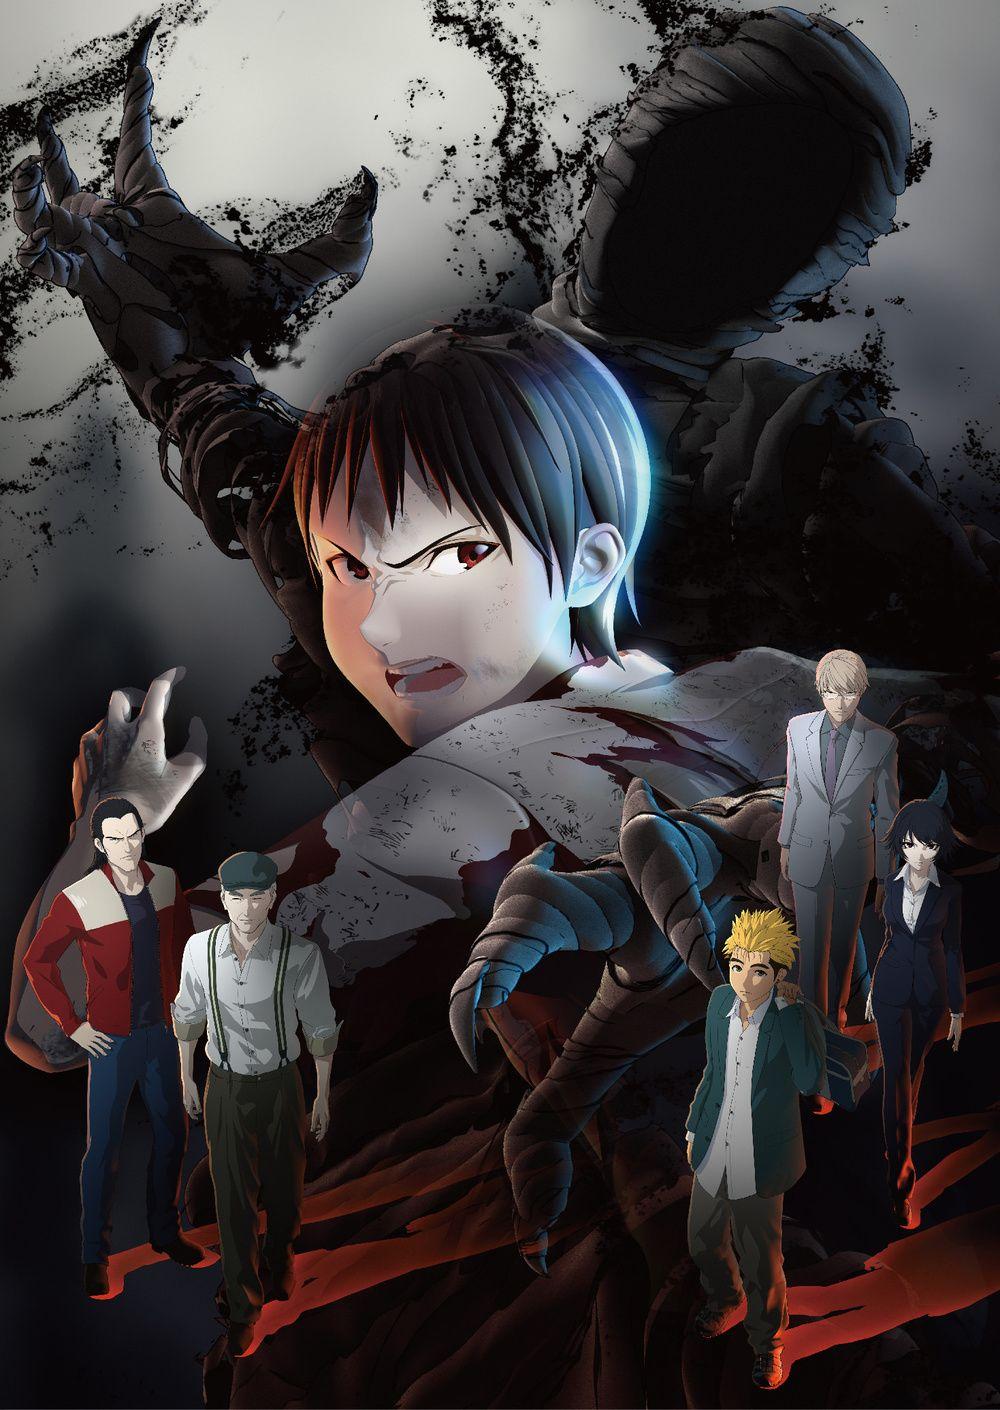 宫野真守《亚人》ED曲明年1月底发售 Ajin anime, Ajin, Demi human